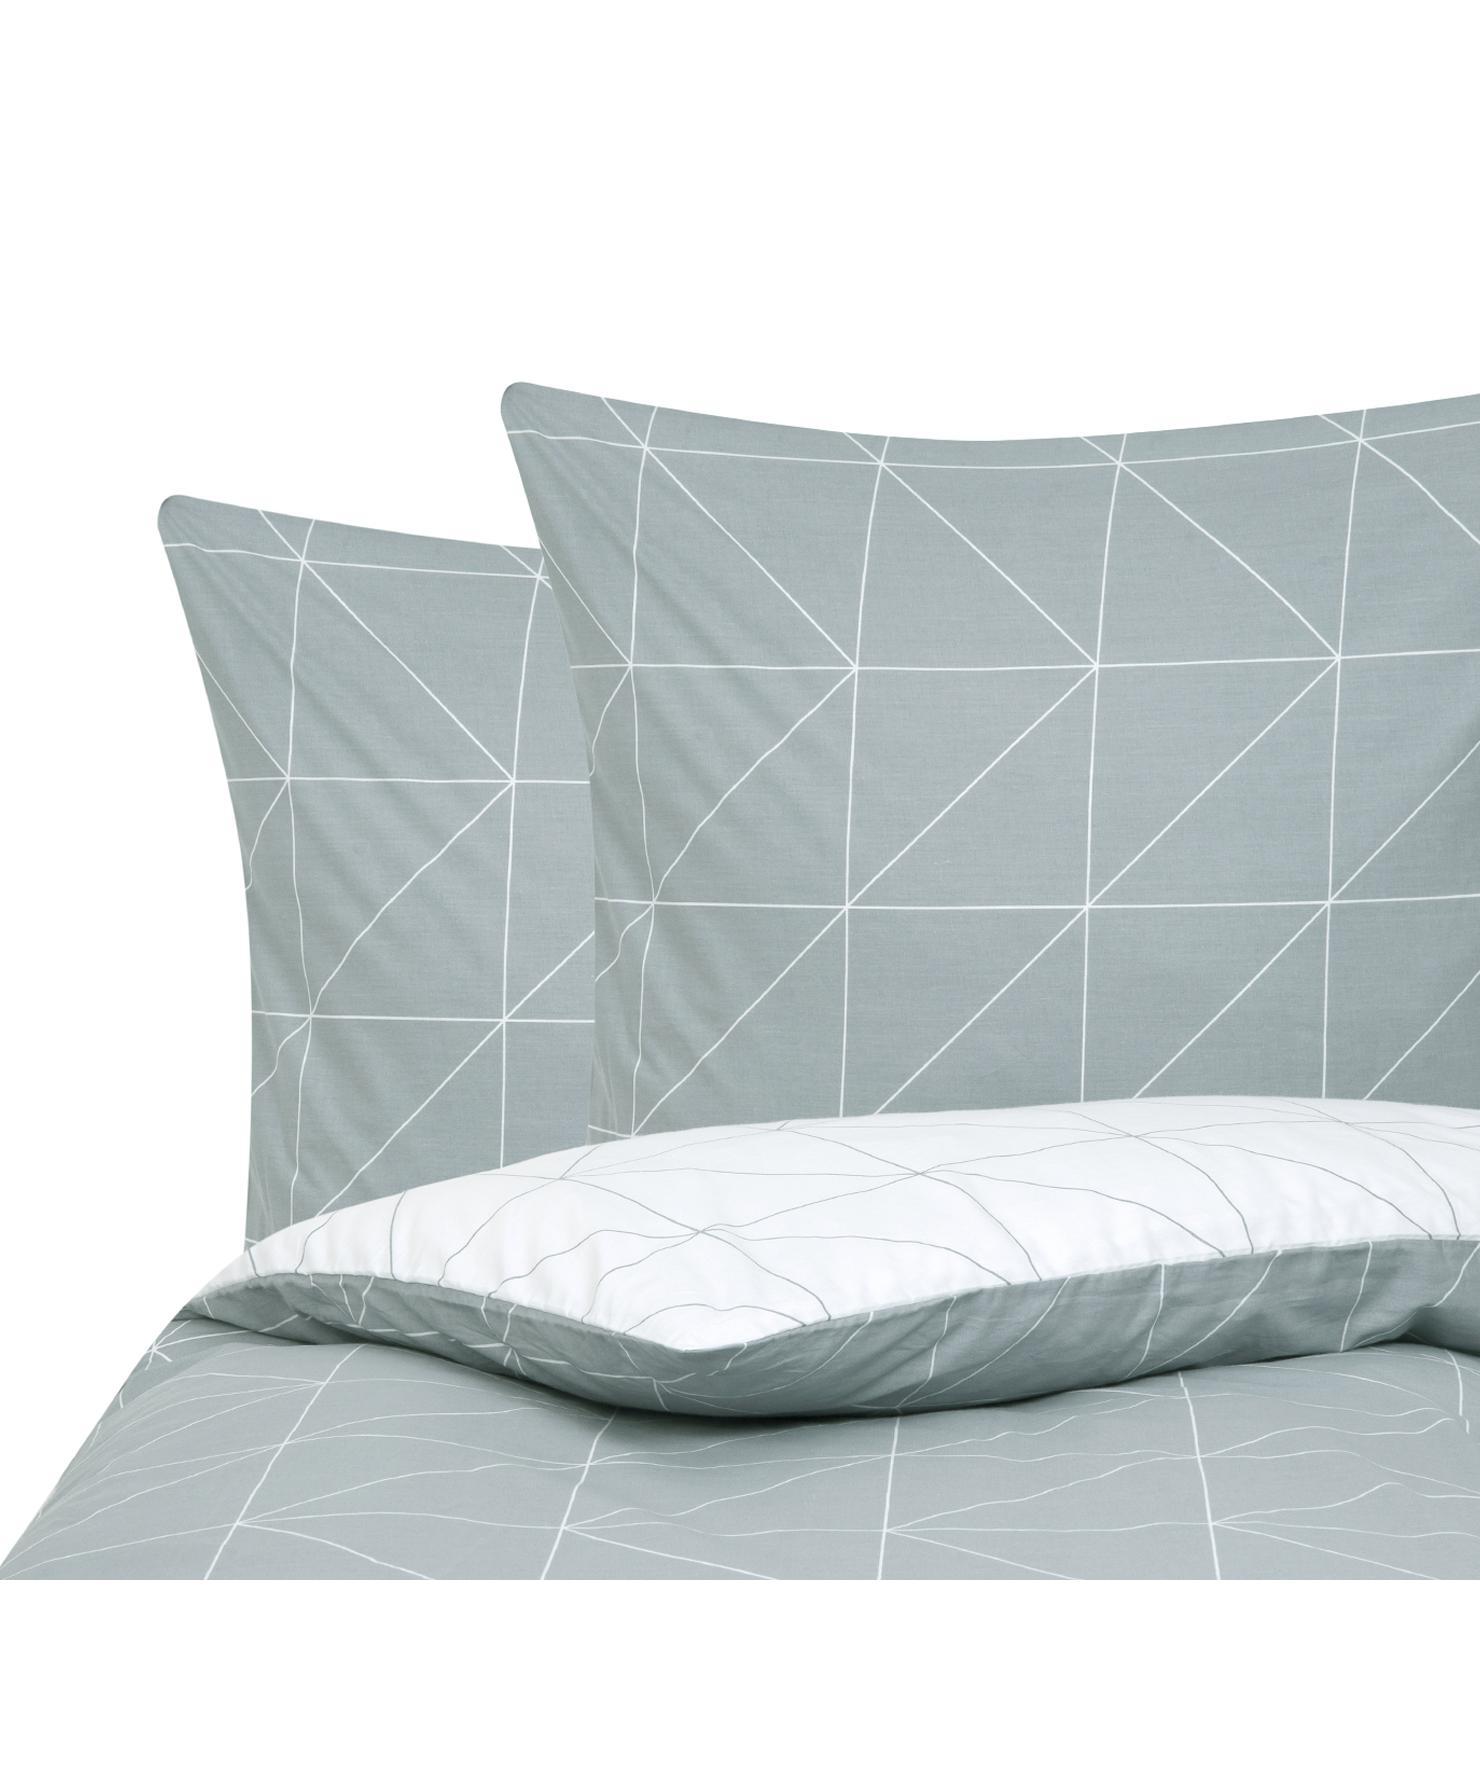 Baumwoll-Wendebettwäsche Marla mit grafischem Muster, Webart: Renforcé Fadendichte 144 , Grau, Weiss, 200 x 200 cm + 2 Kissen 80 x 80 cm